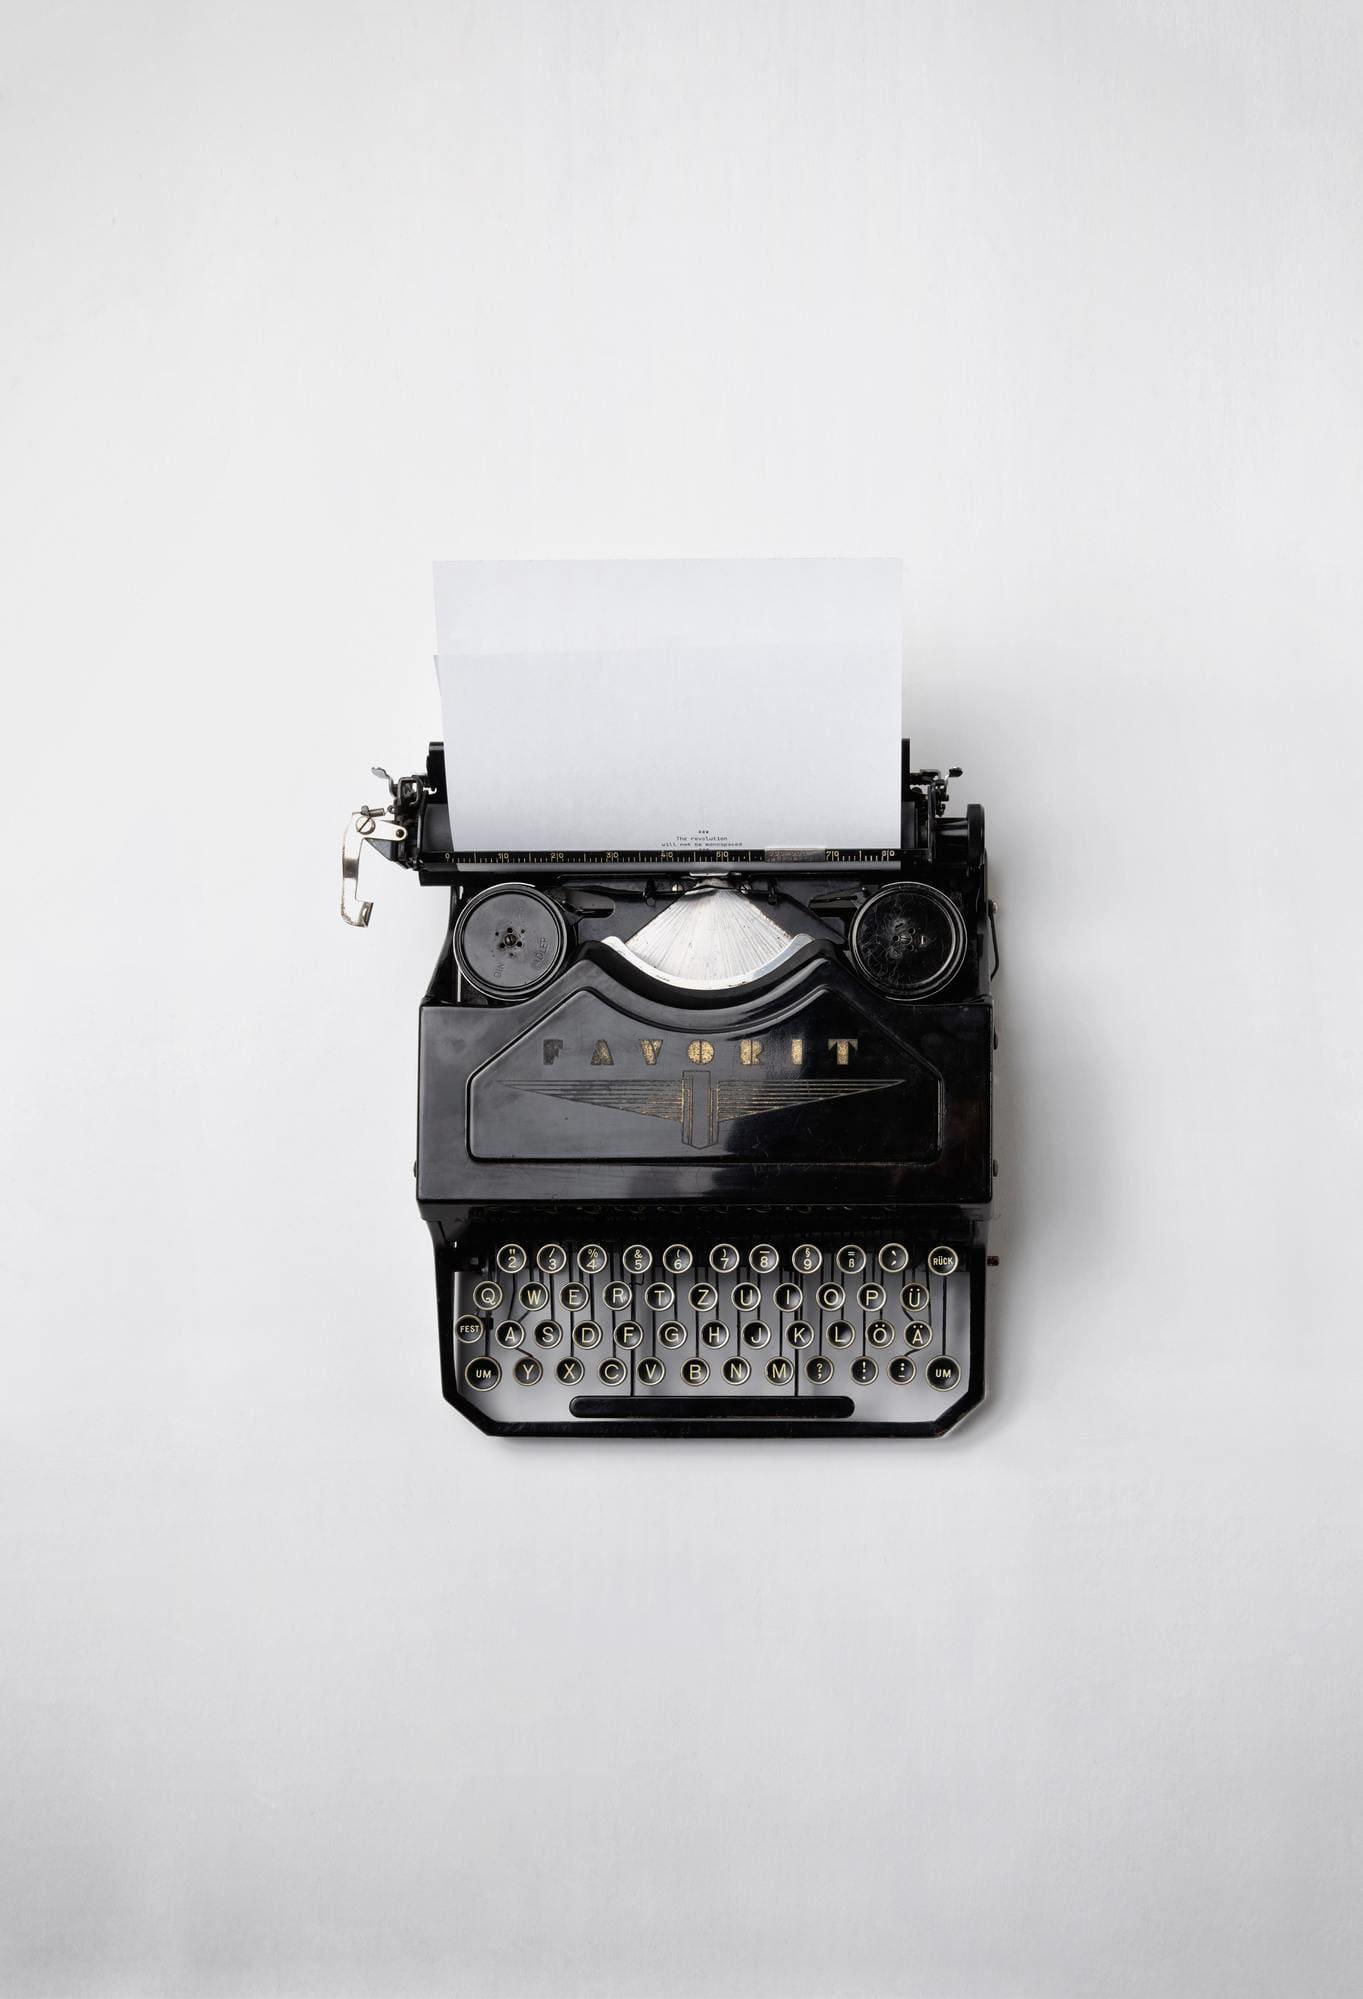 Freie Texterin Texte schreiben mit Schreibmaschine